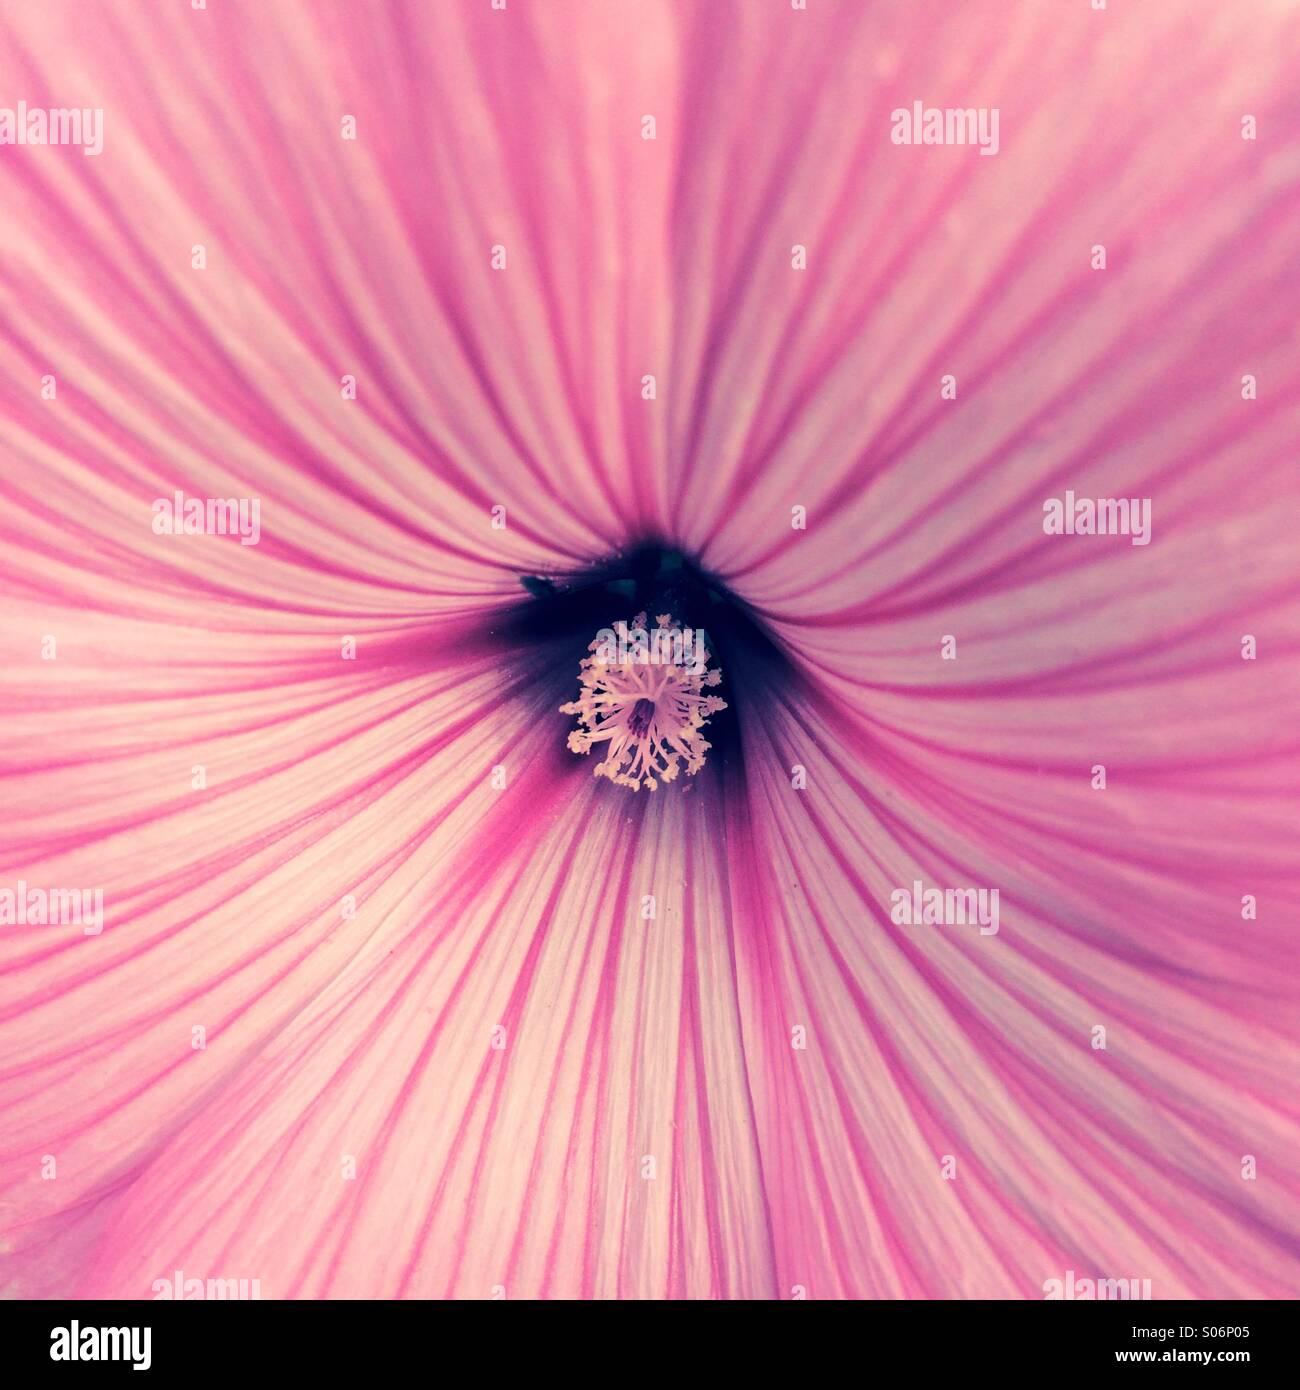 Close-up de flor rosa mostrando extensión de pétalos y estambres centro Imagen De Stock